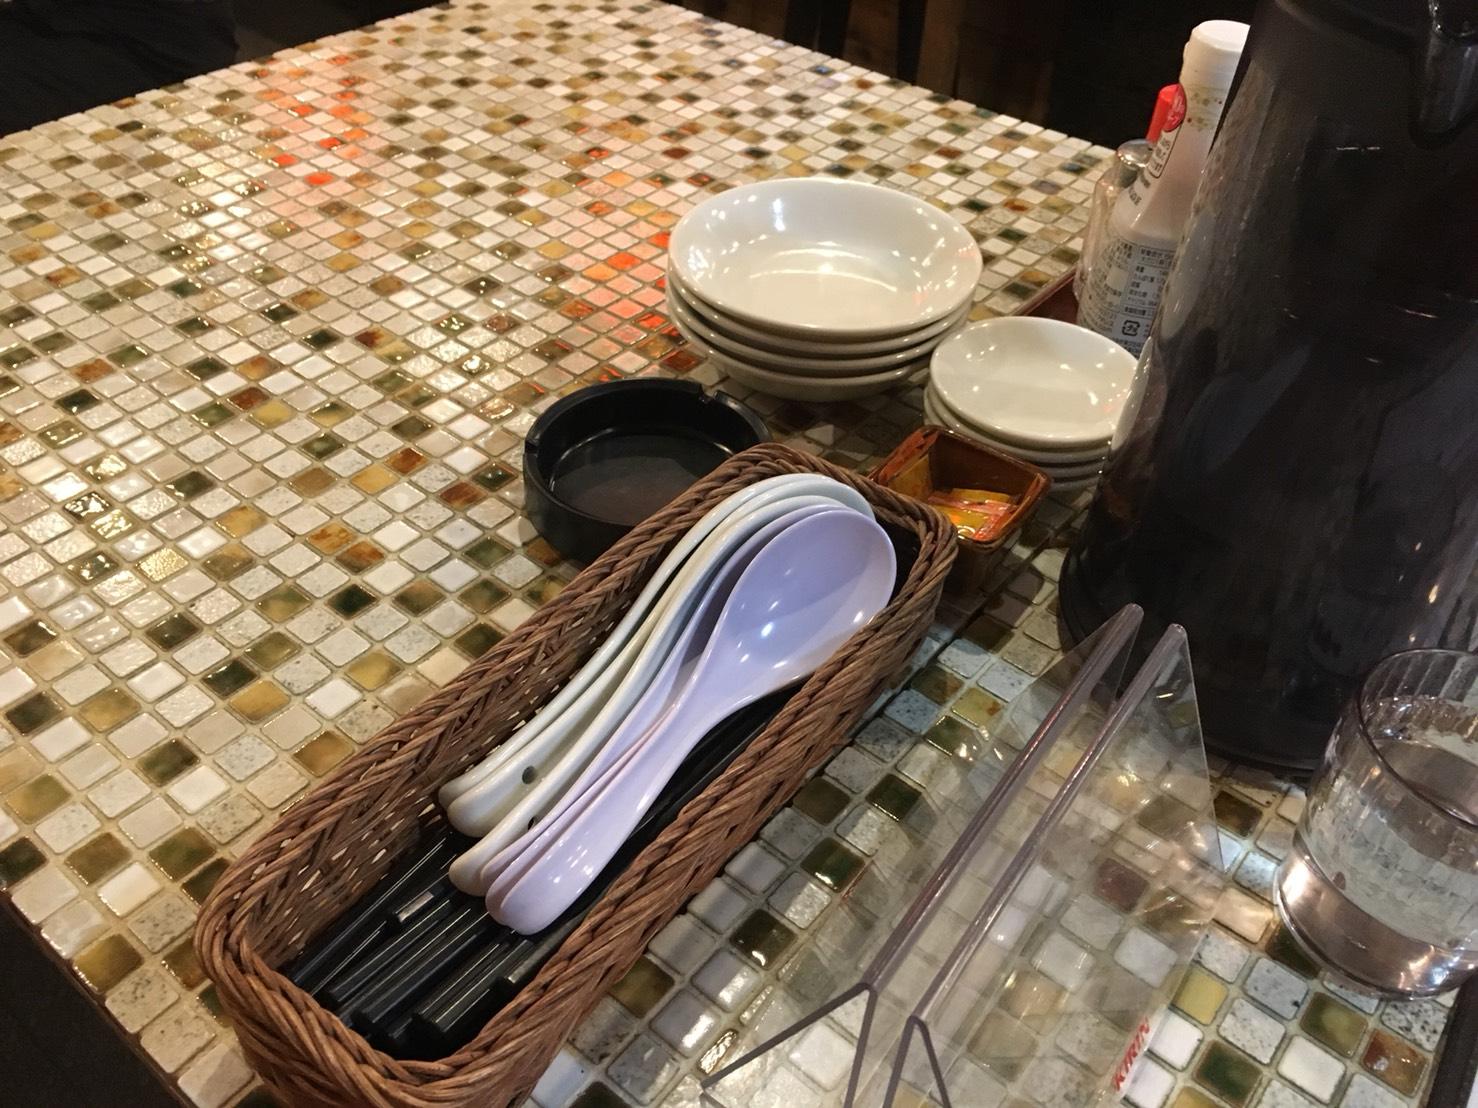 【大塚駅】新発見!美味しい焼売を堪能しよう!「野田焼売店 大塚店」のテーブル